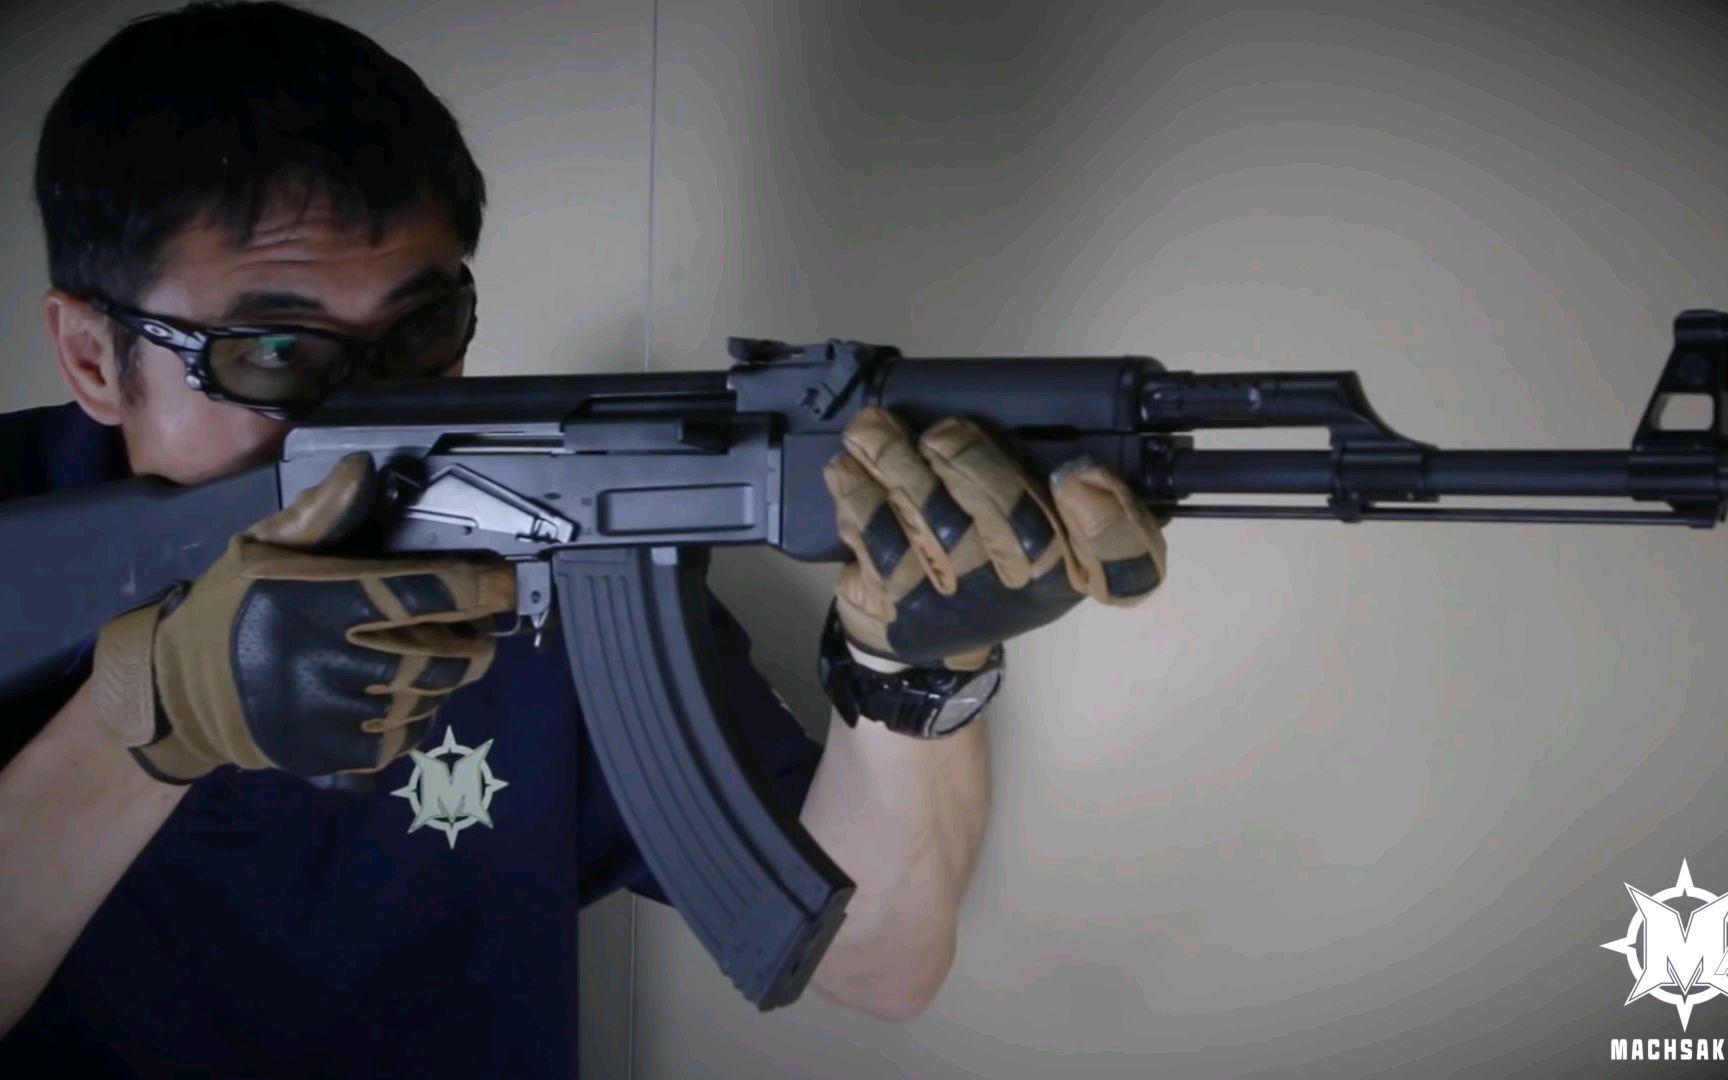 【壕堺大叔】G&G(中華)RK47(AK47)电动airsoft测试